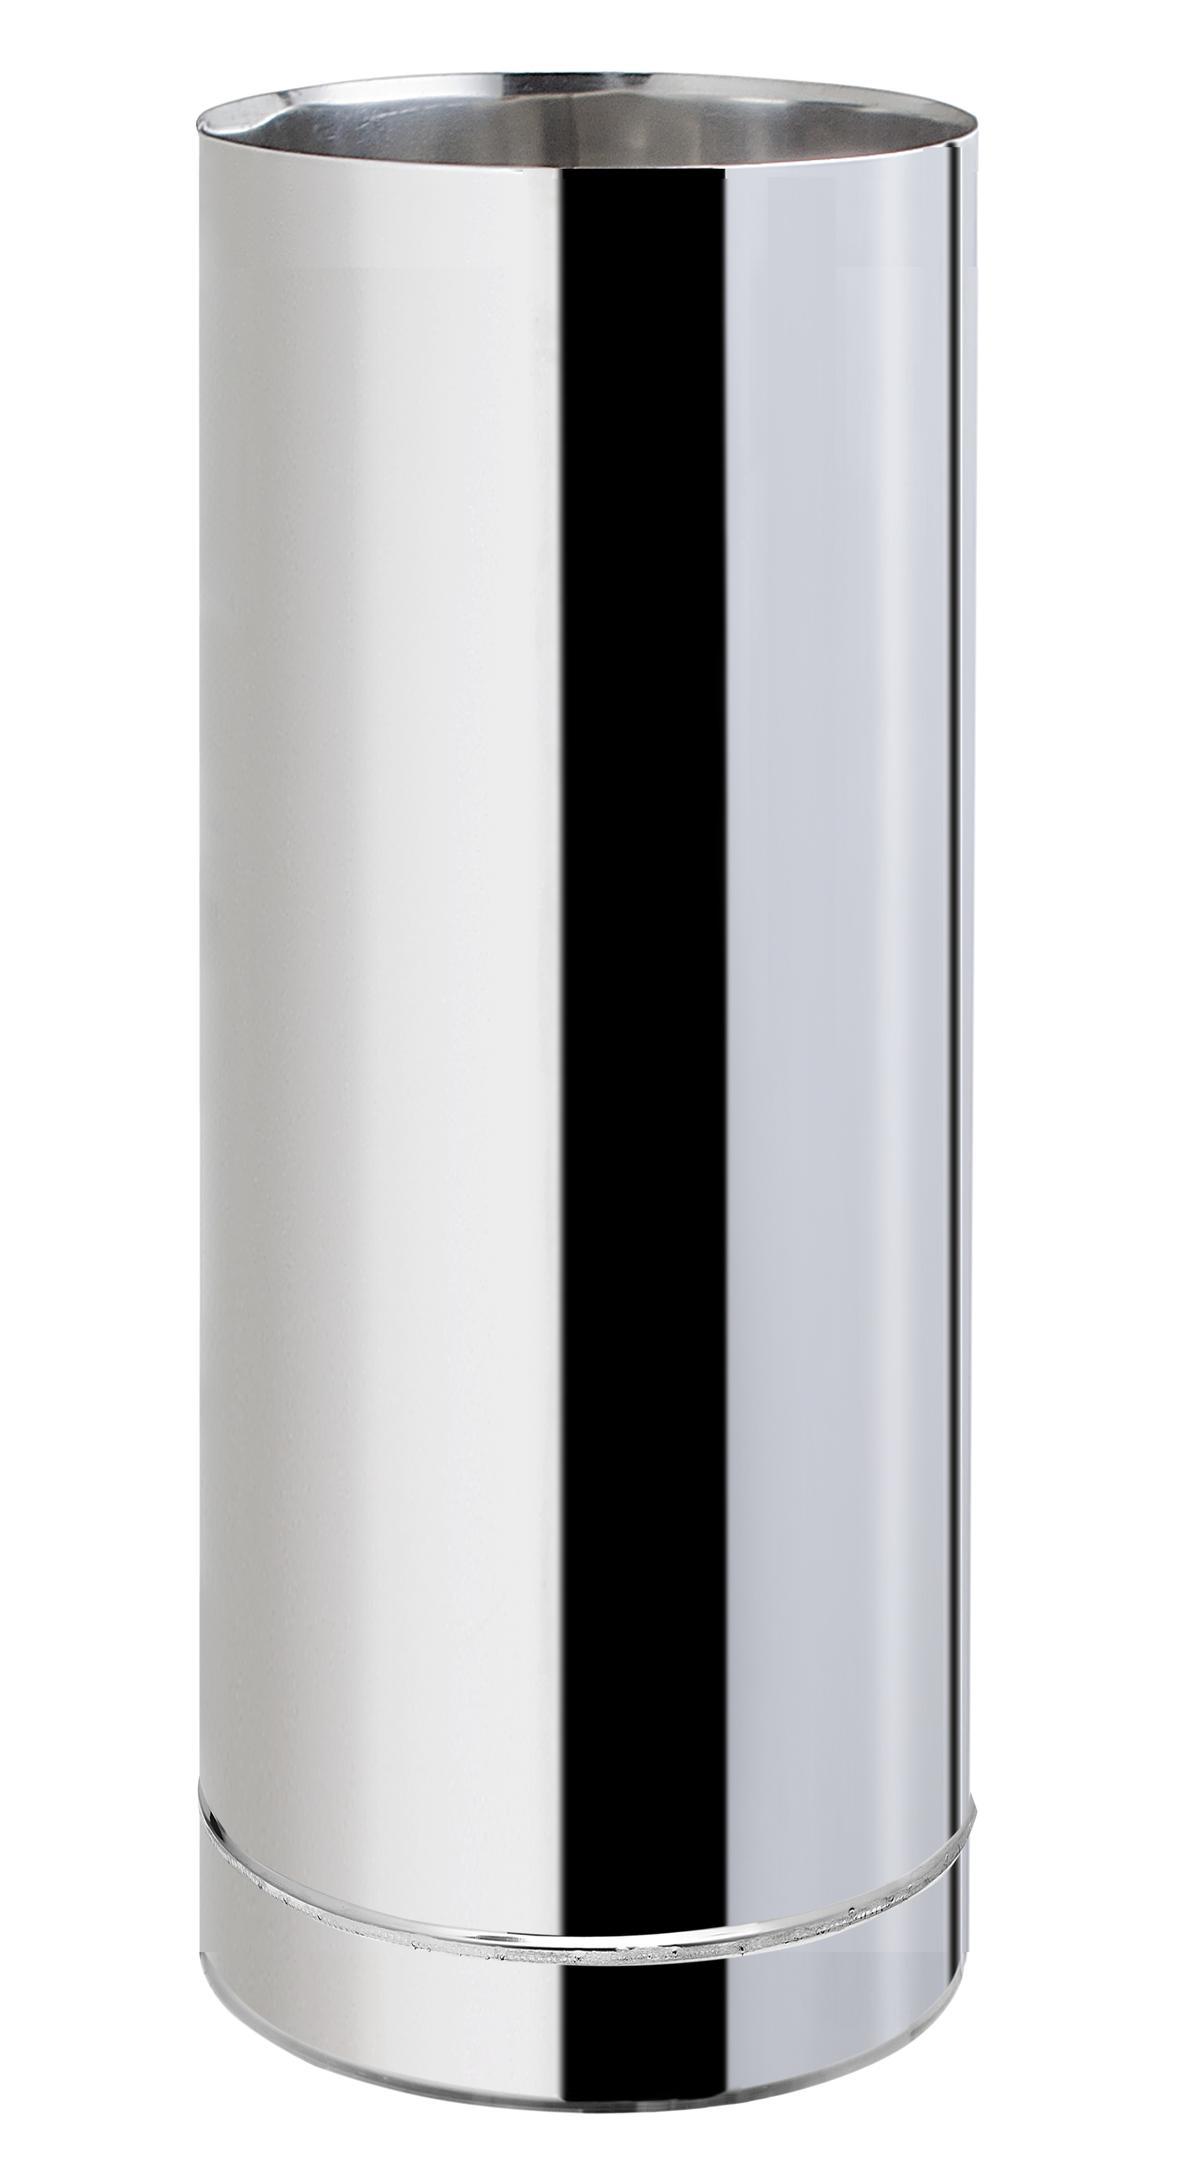 Rohrelement Edelstahl Ø 250mm, 500mm lang